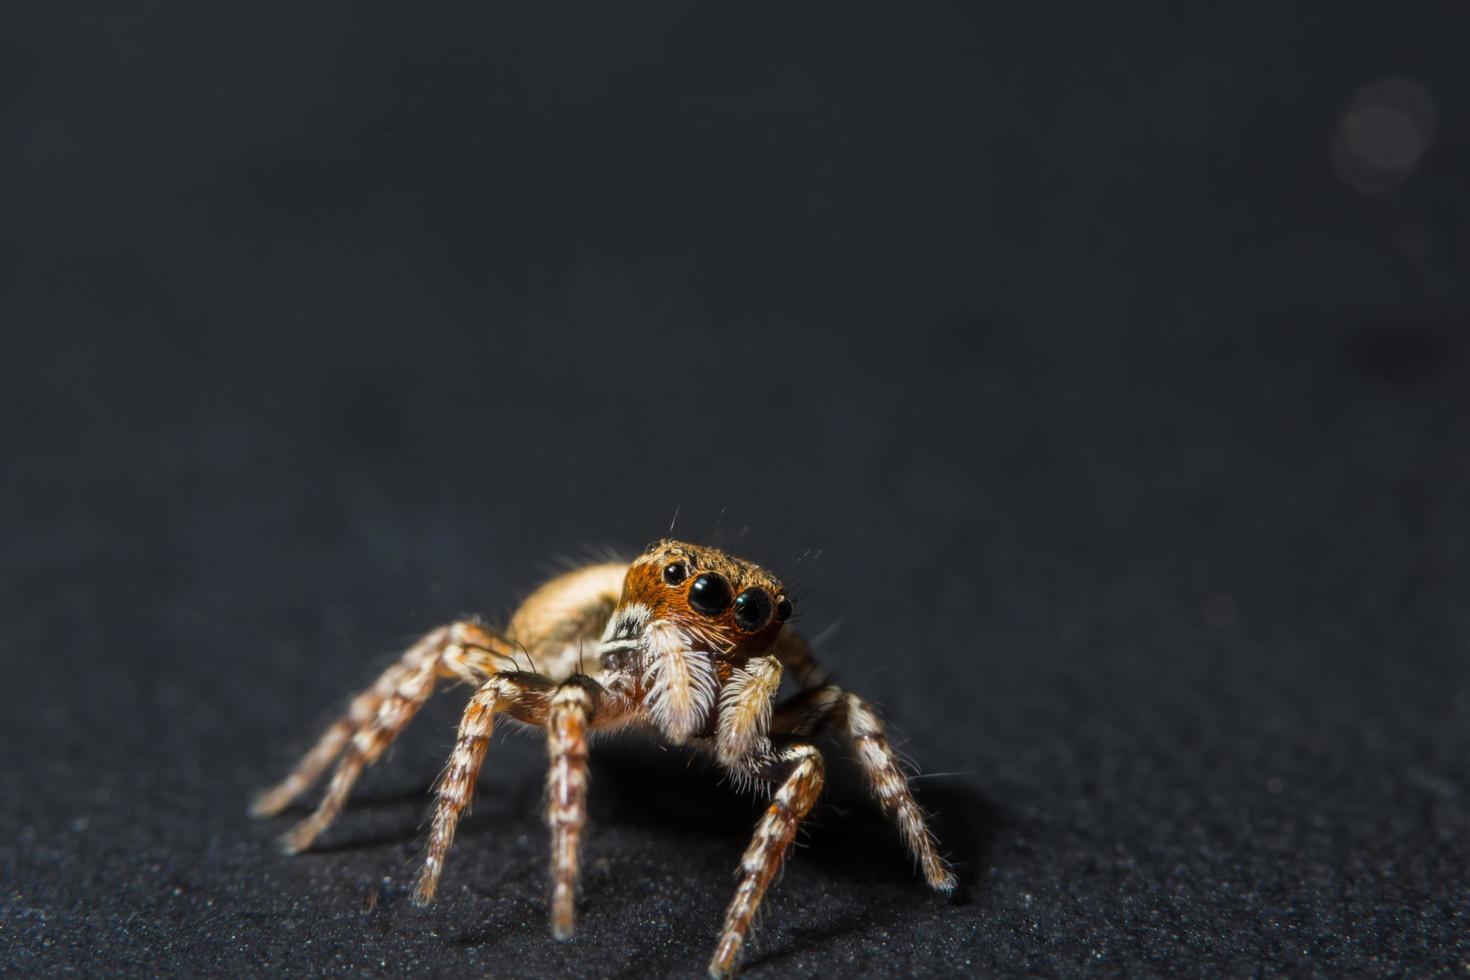 araignée sur fond noir photo